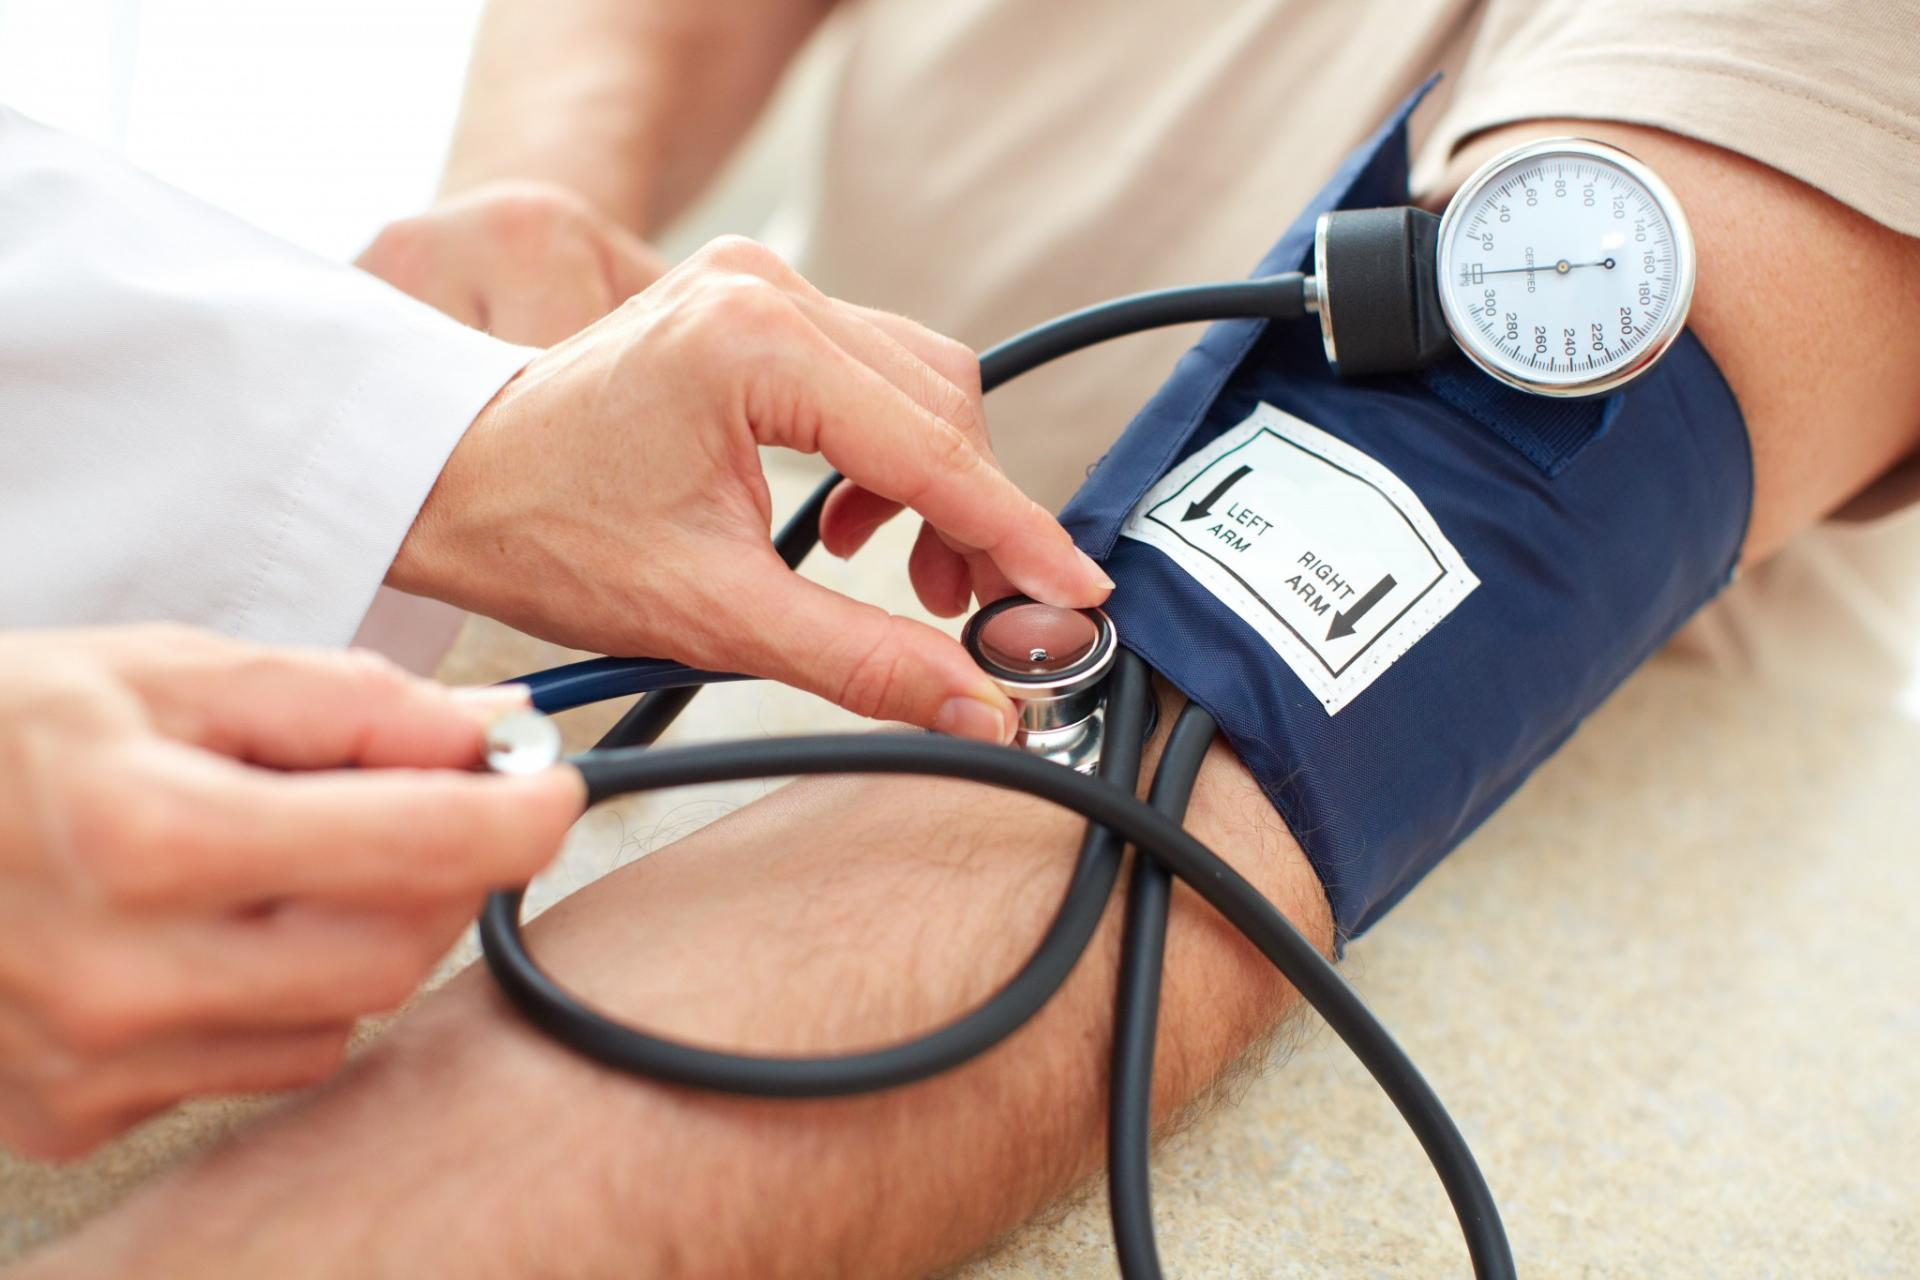 الفرق بين اعراض الضغط المنخفض والمرتفع